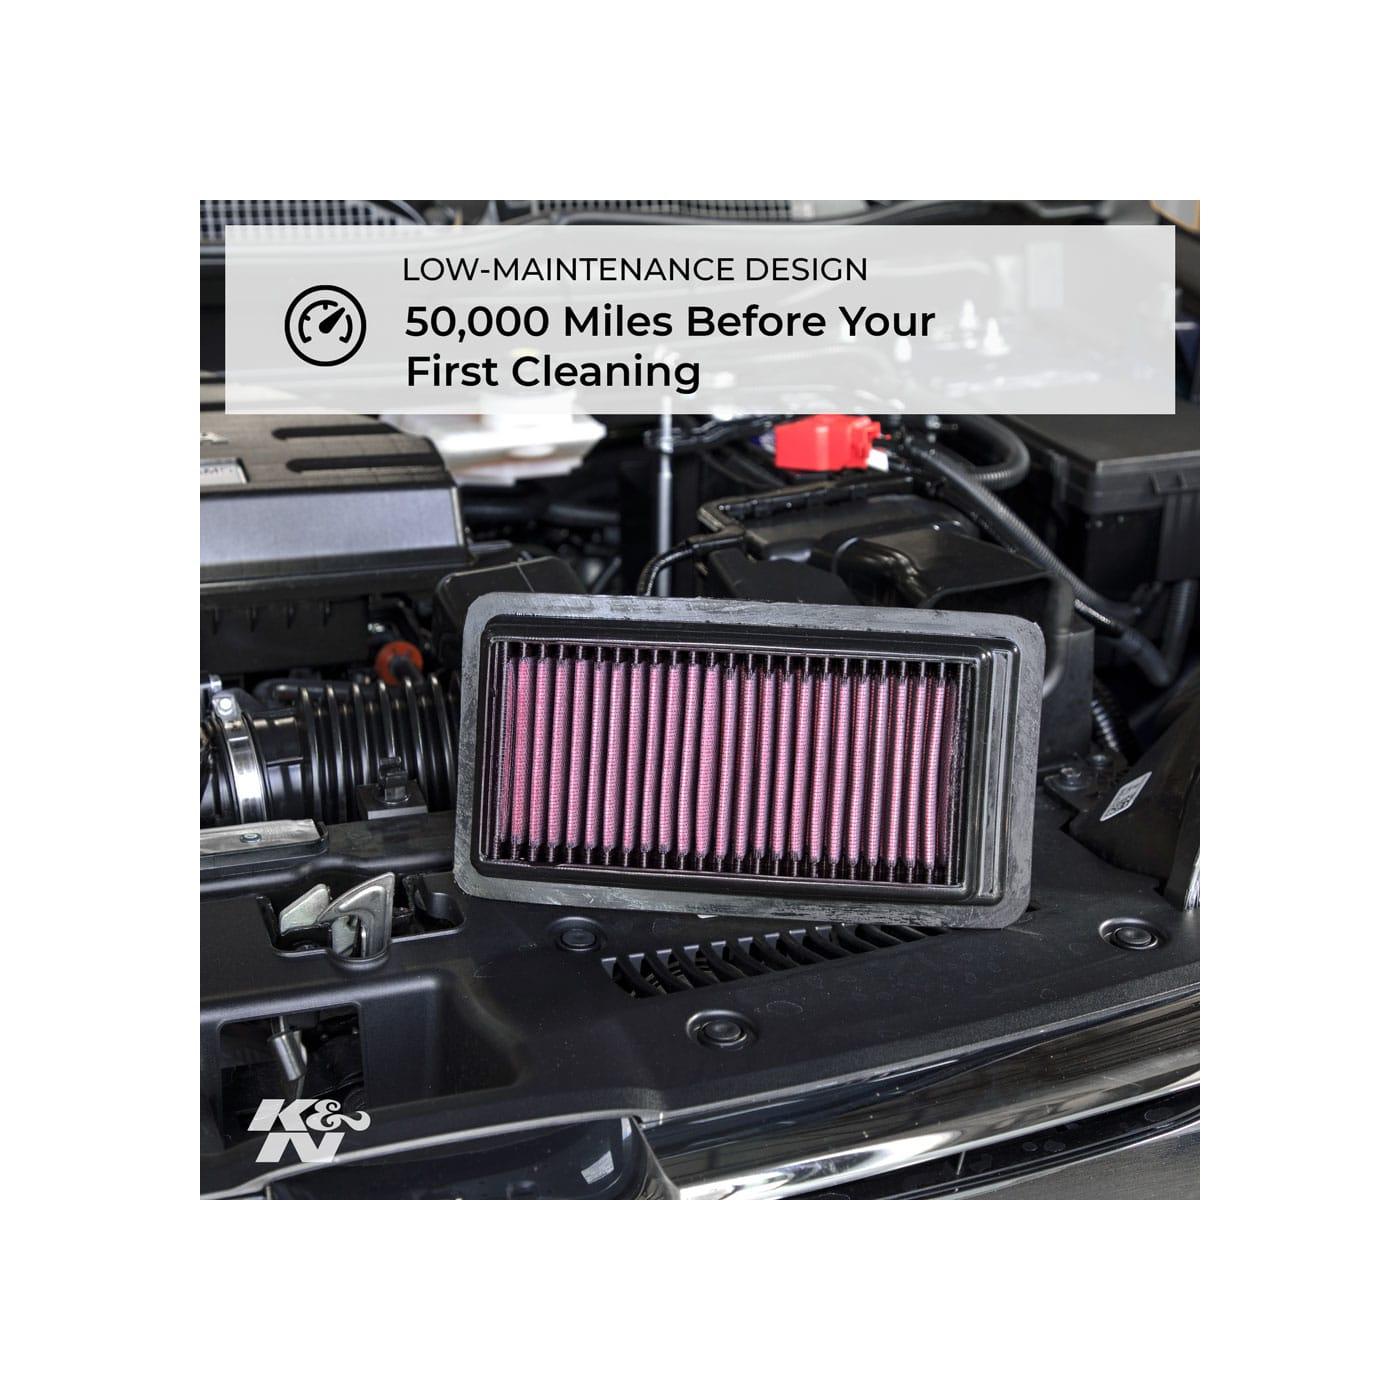 Filtro De Ar K&n 33-2069 Volkswagen Vento Jetta Cabrio Golf GTI IV III Cabriolet Seat Ibiza Cupra